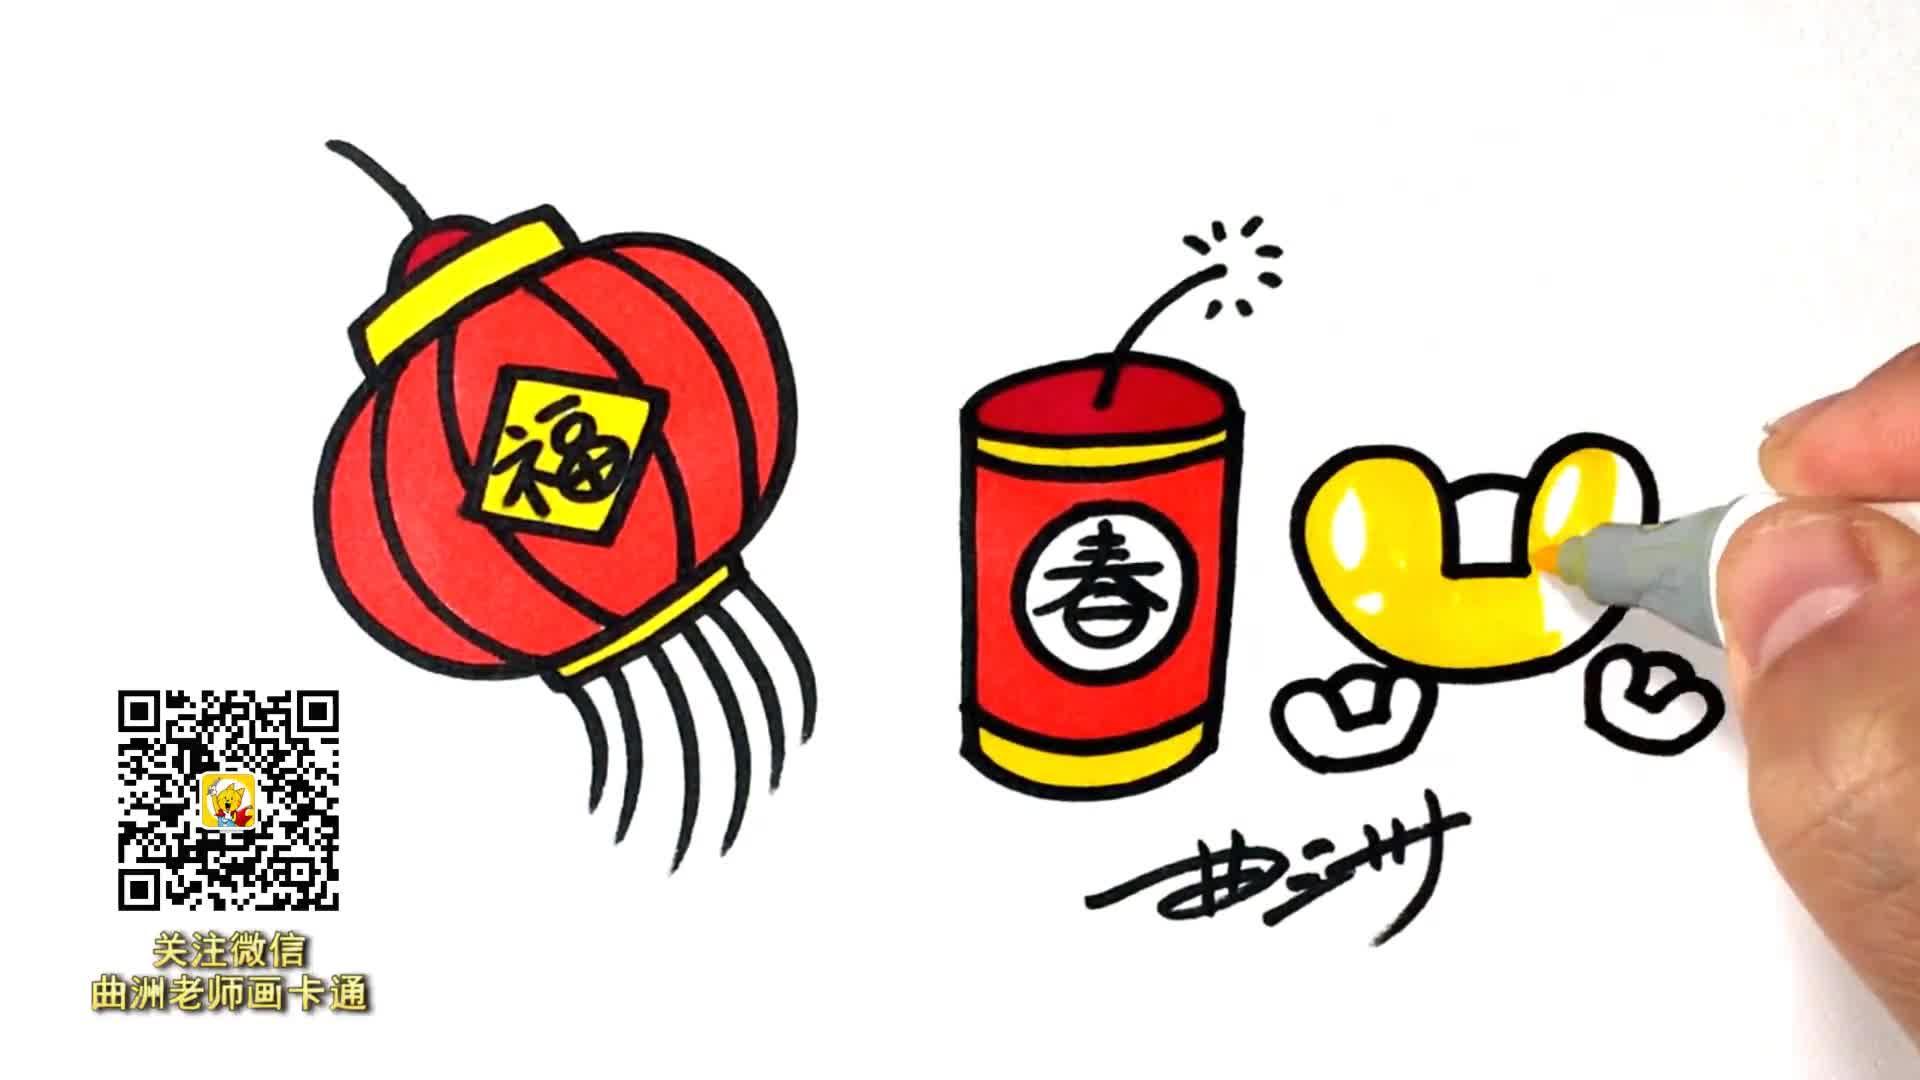 爆竹灯笼卡通图片